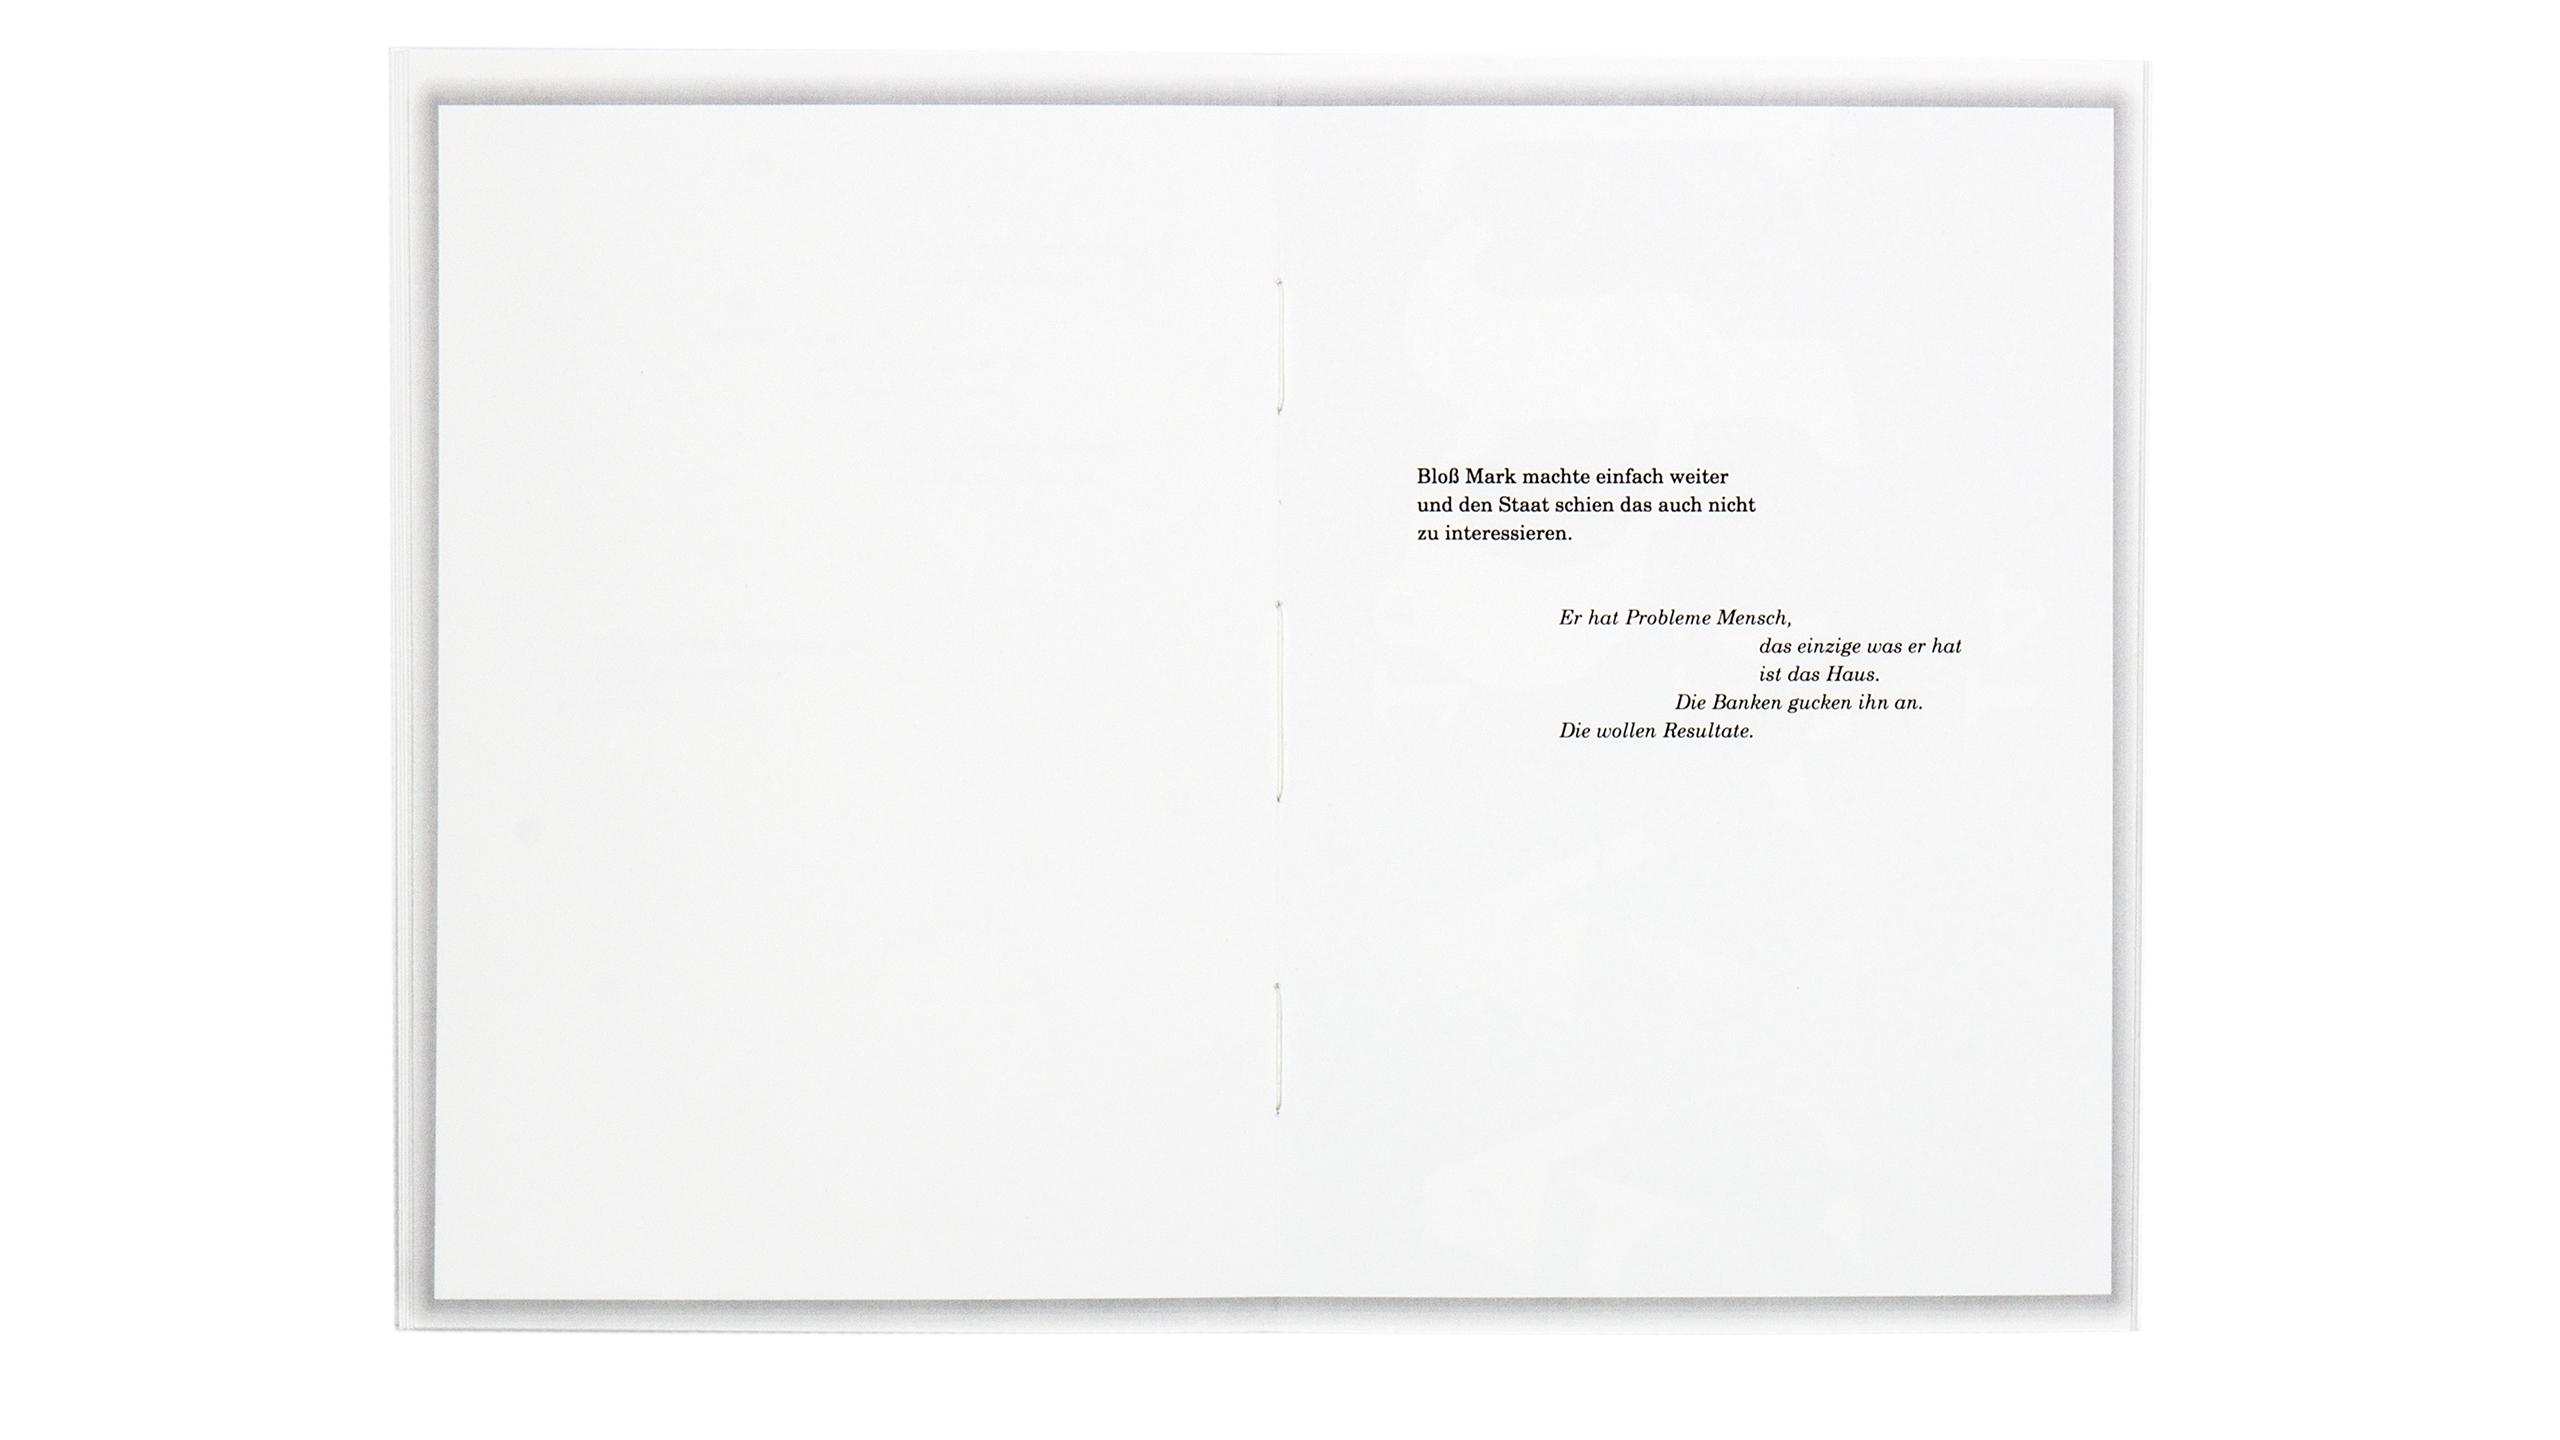 3 Raumwohnung innenseite Design Buchgestaltung black clean Editorial Design Poster Literatur Hildesheim Universität UdK